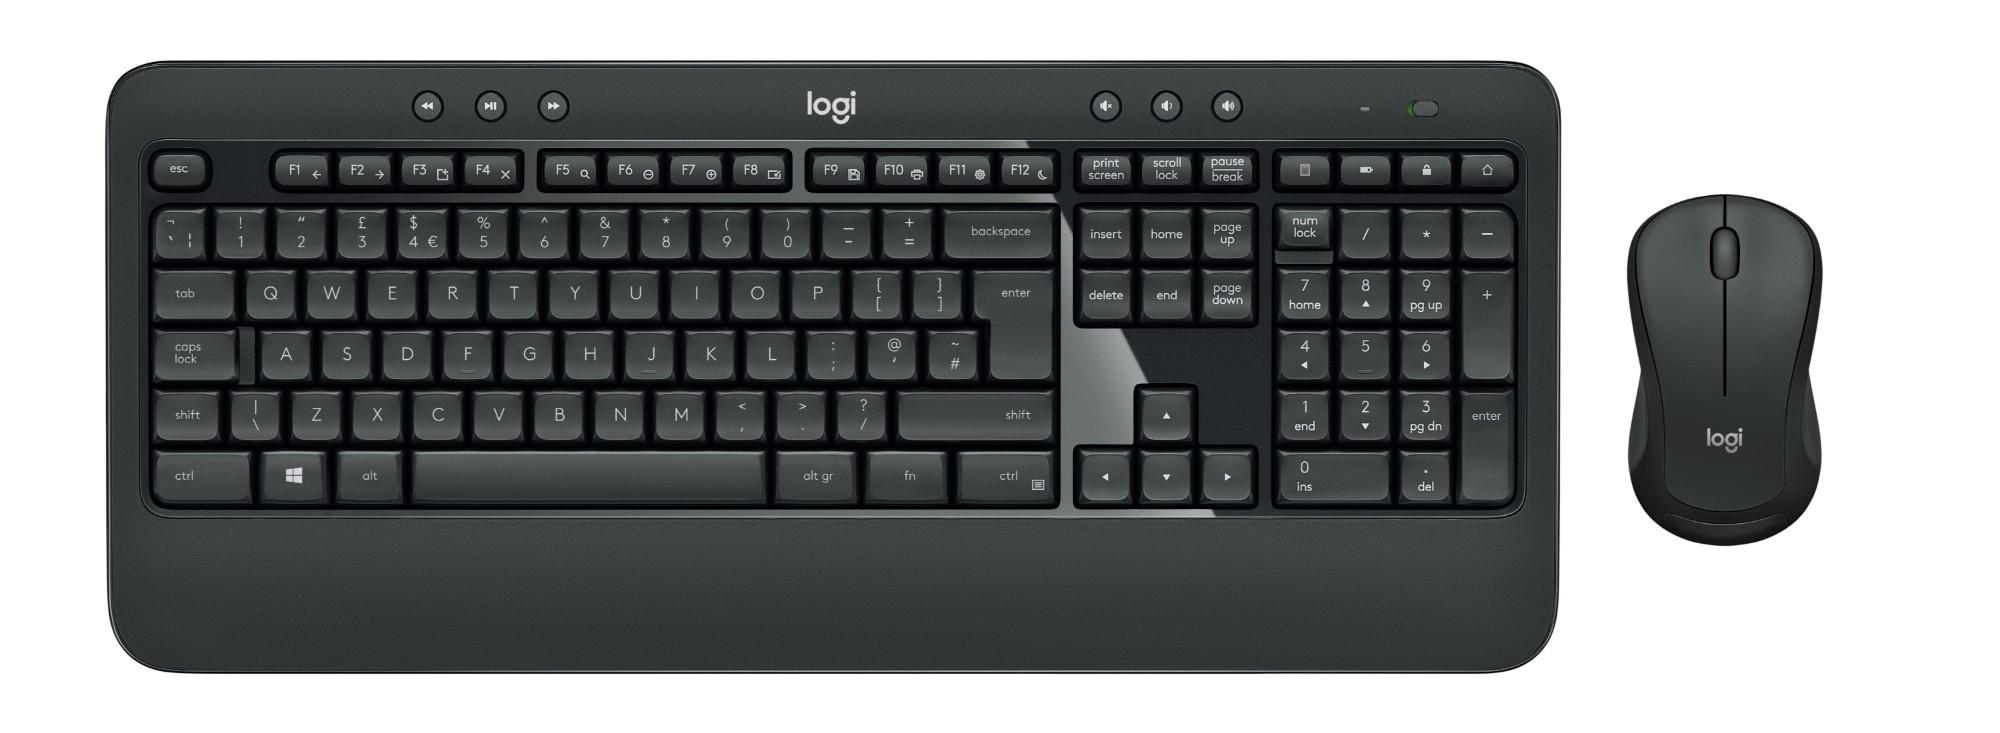 Logitech MK540 Advanced teclado RF inalámbrico QWERTZ Alemán Negro, Blanco